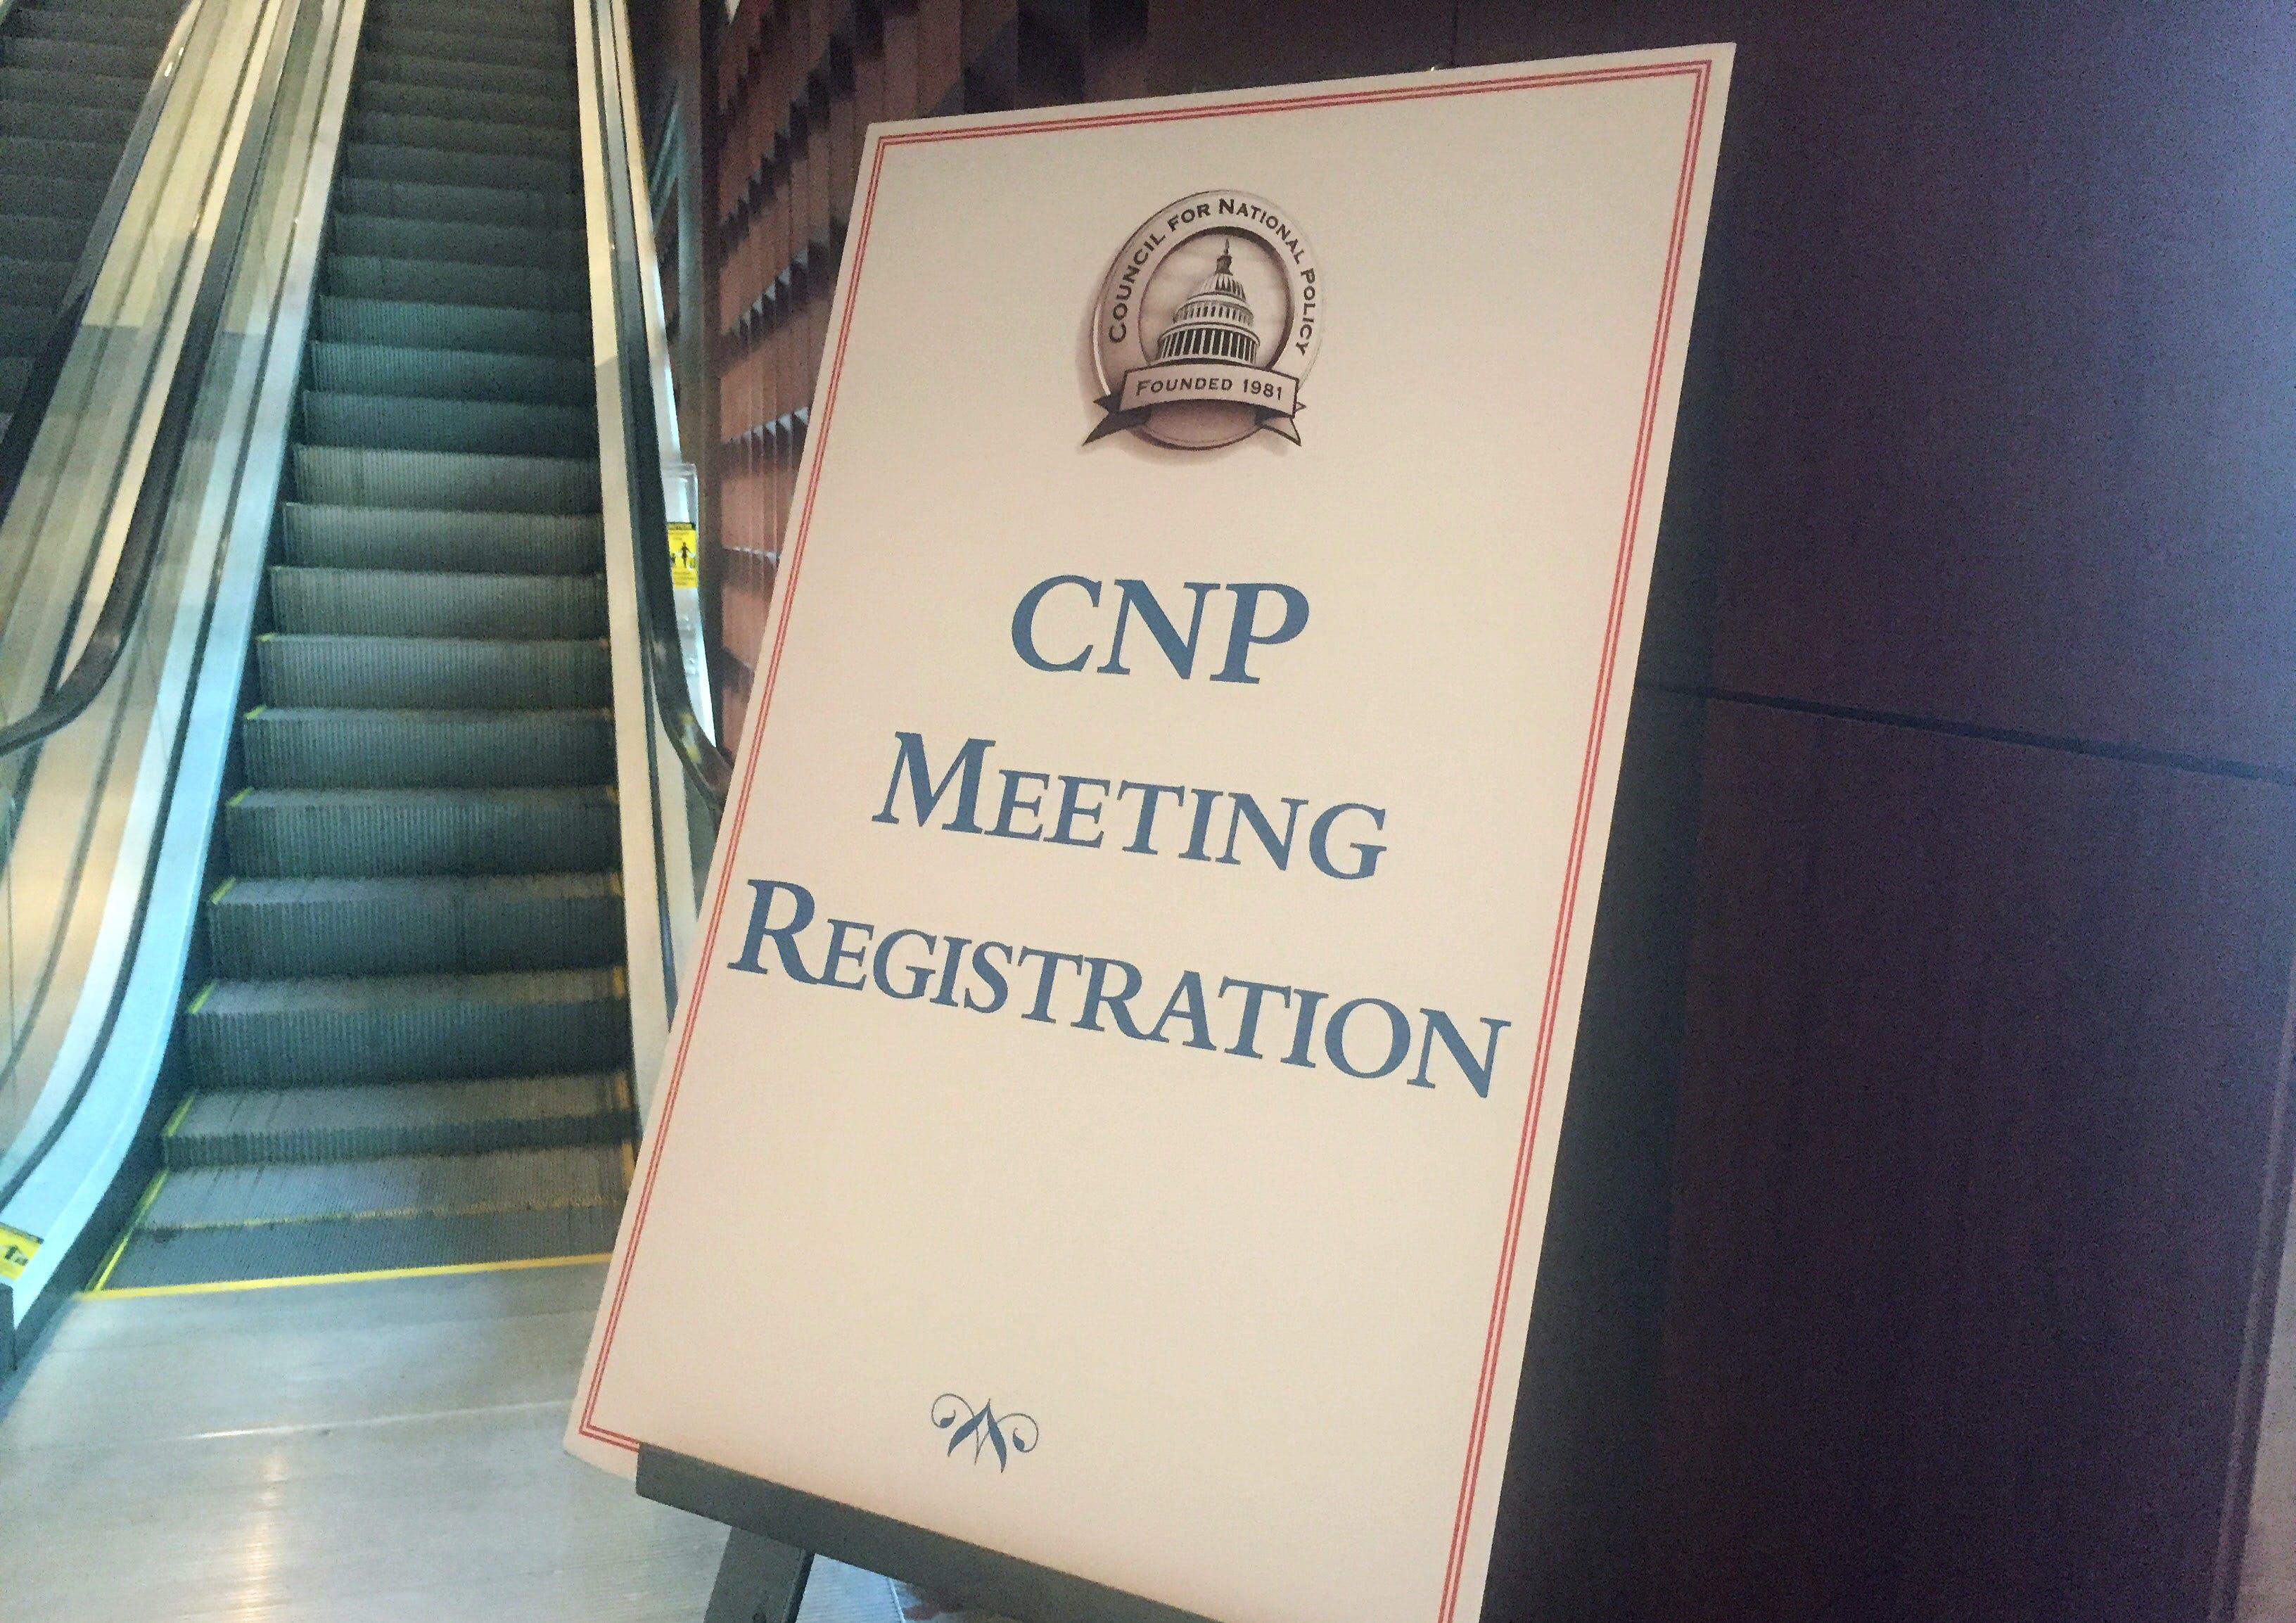 cnp-sign-1538921279